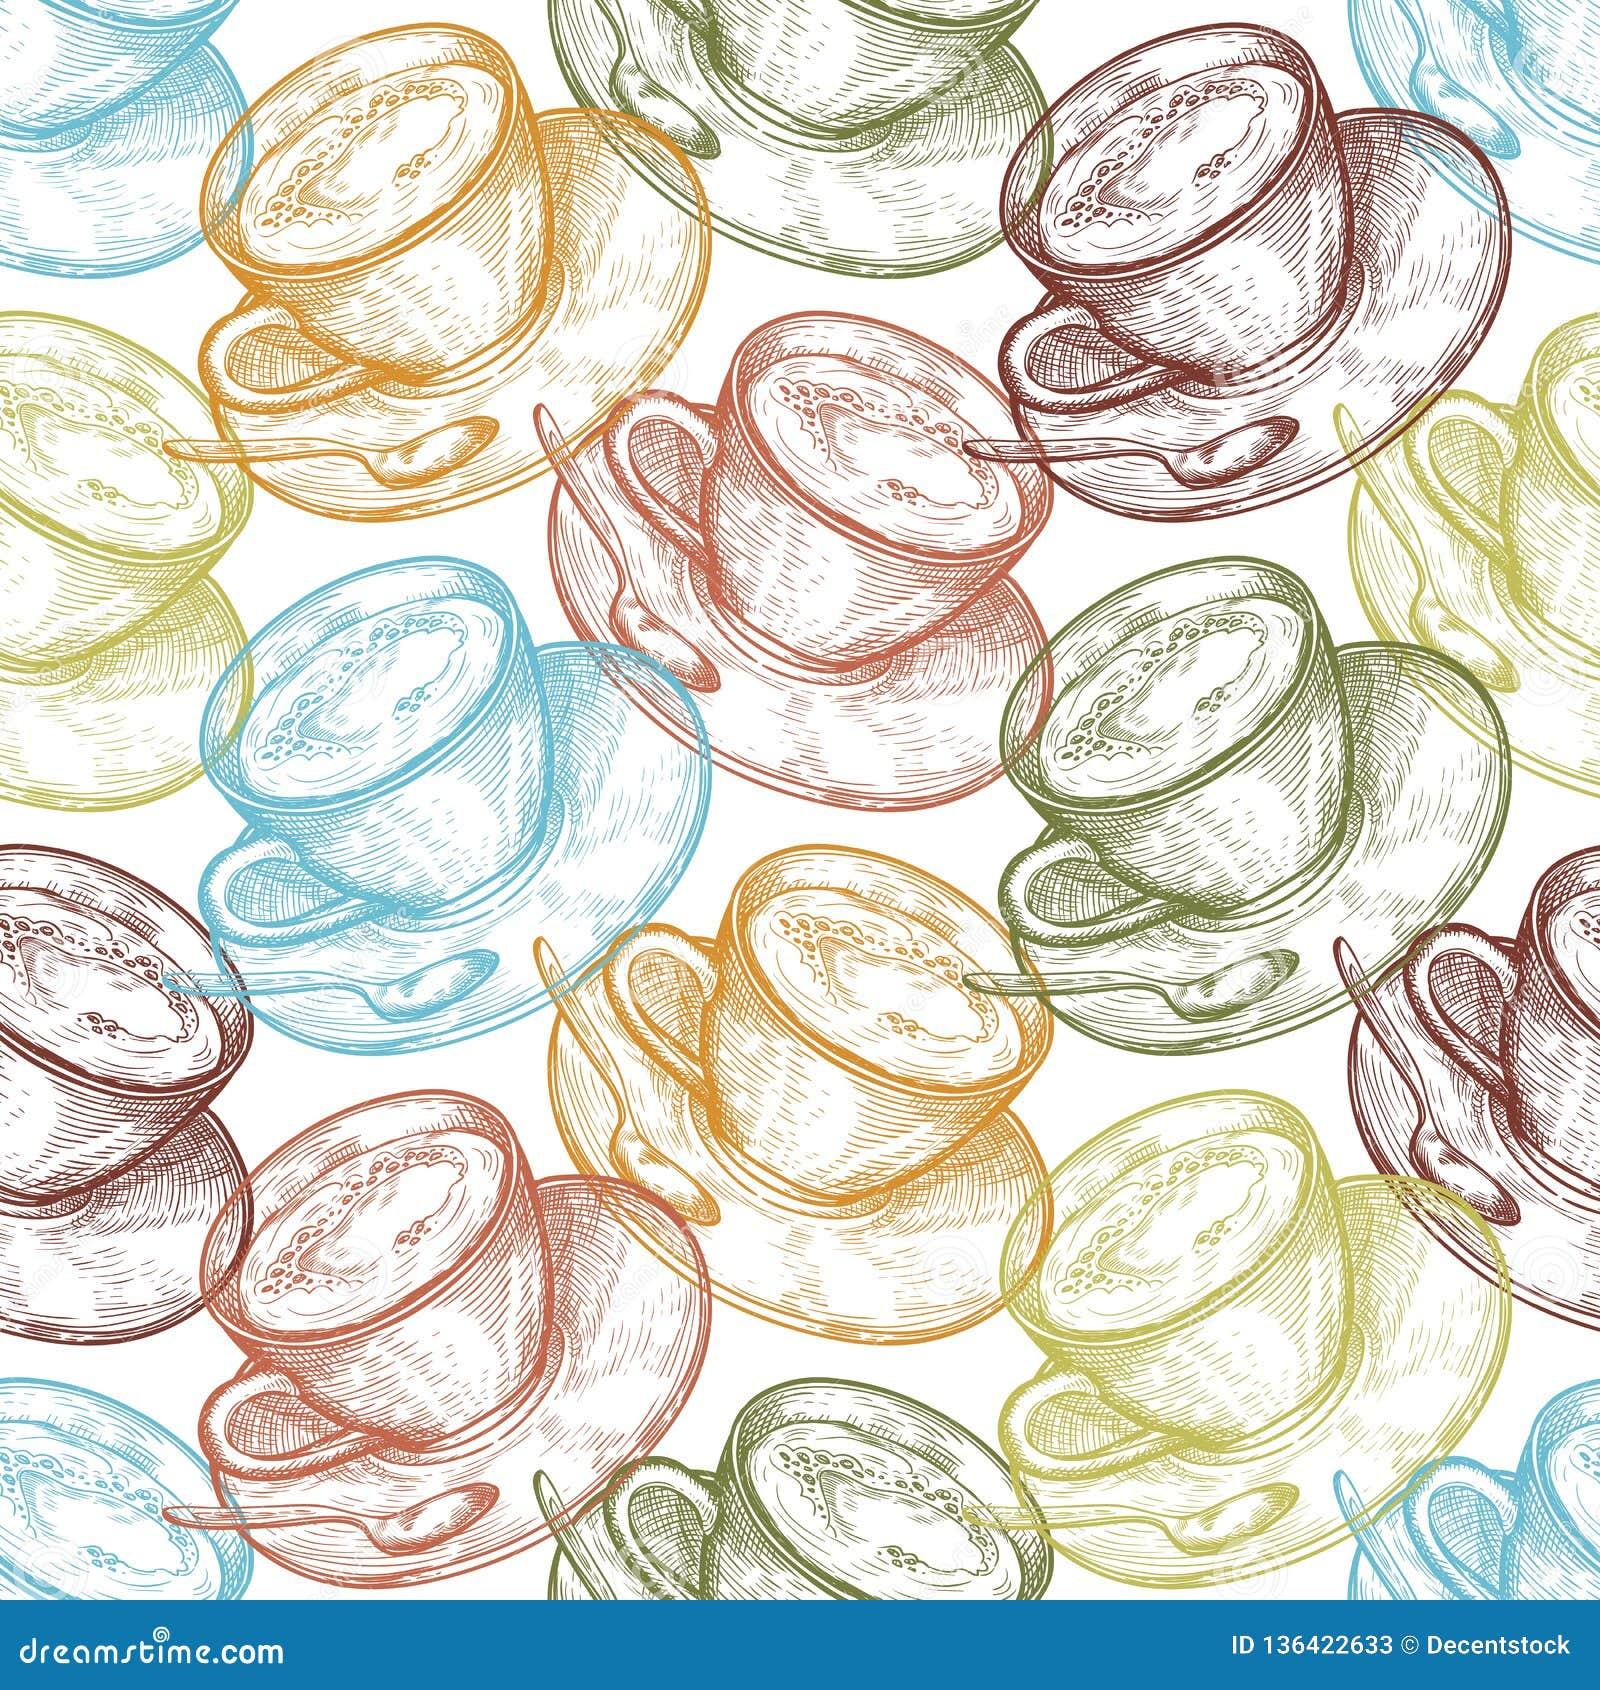 Handgezogene Nahrungsmittelnahtloses Muster, Schale des heißen Getränks